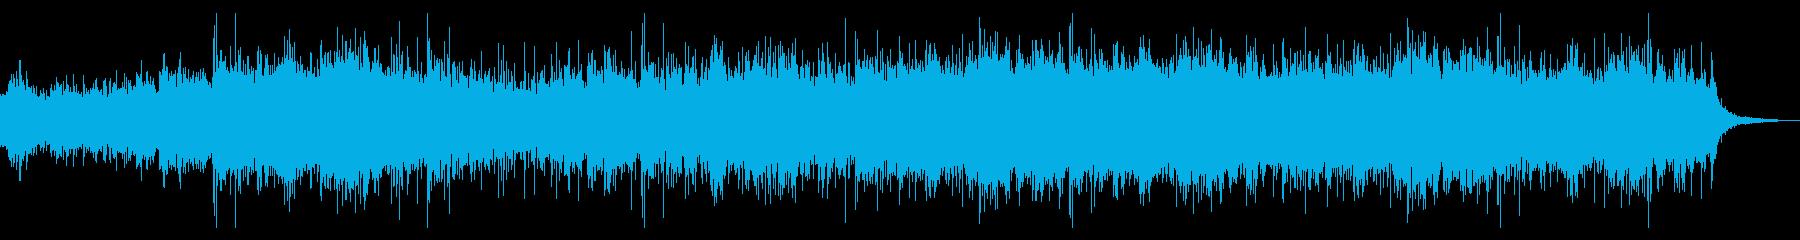 シネマティックで捻れたテクスチャの再生済みの波形